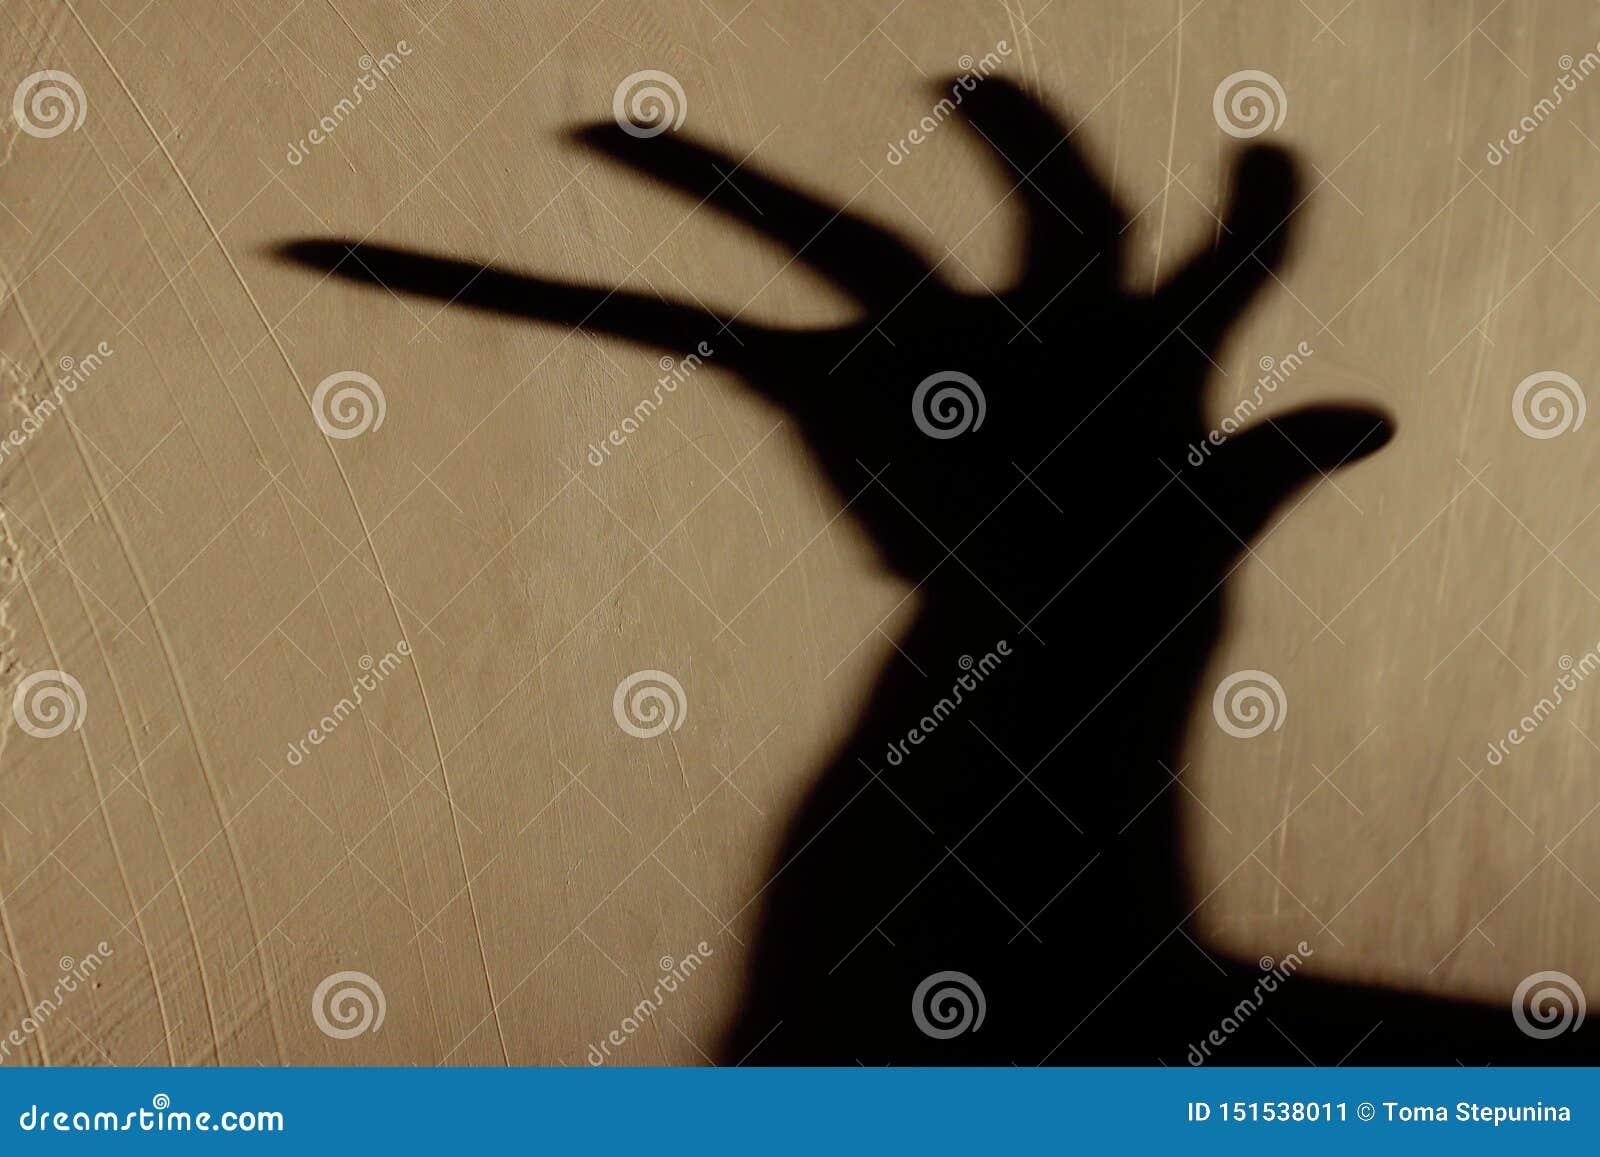 Ombra sconosciuta sulla parete Ombra terribile sottragga la priorit? bassa Ombra nera di grande mano sulla parete Siluetta di una